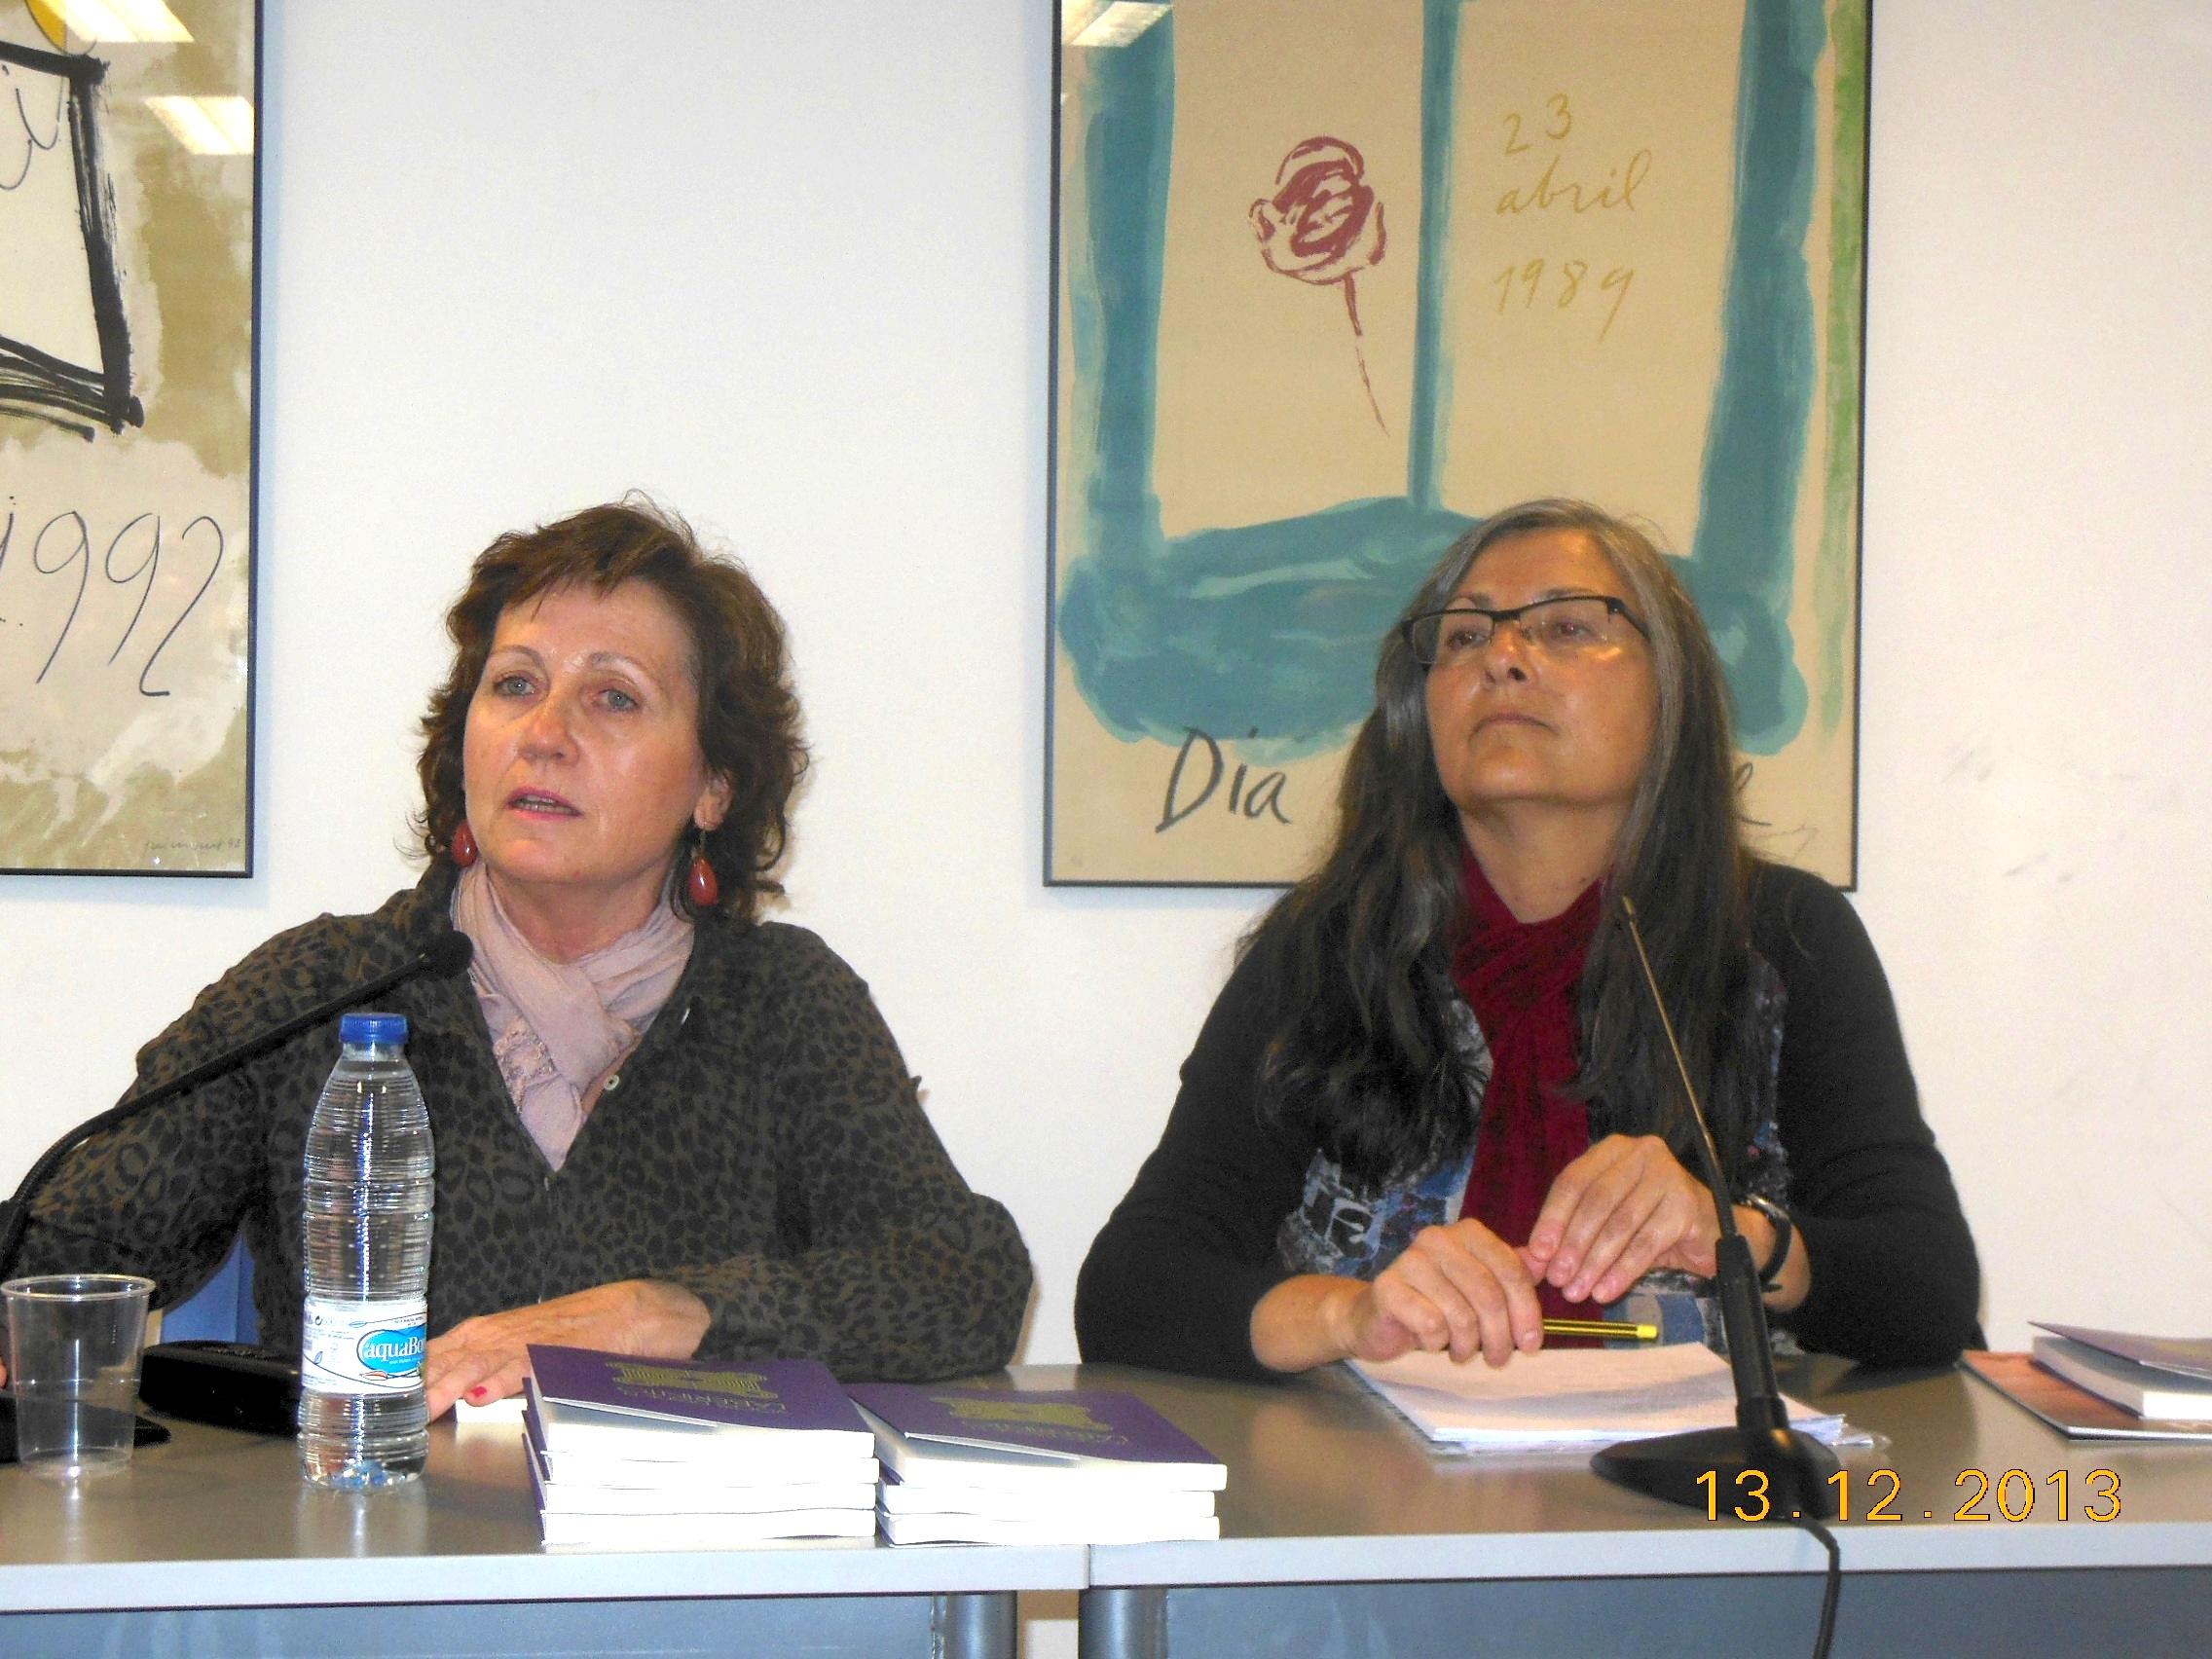 Anna Rossell (derecha) con María de Luis. Tertulia del Laberinto de Ariadna, Ateneo Barcelonés, 2013